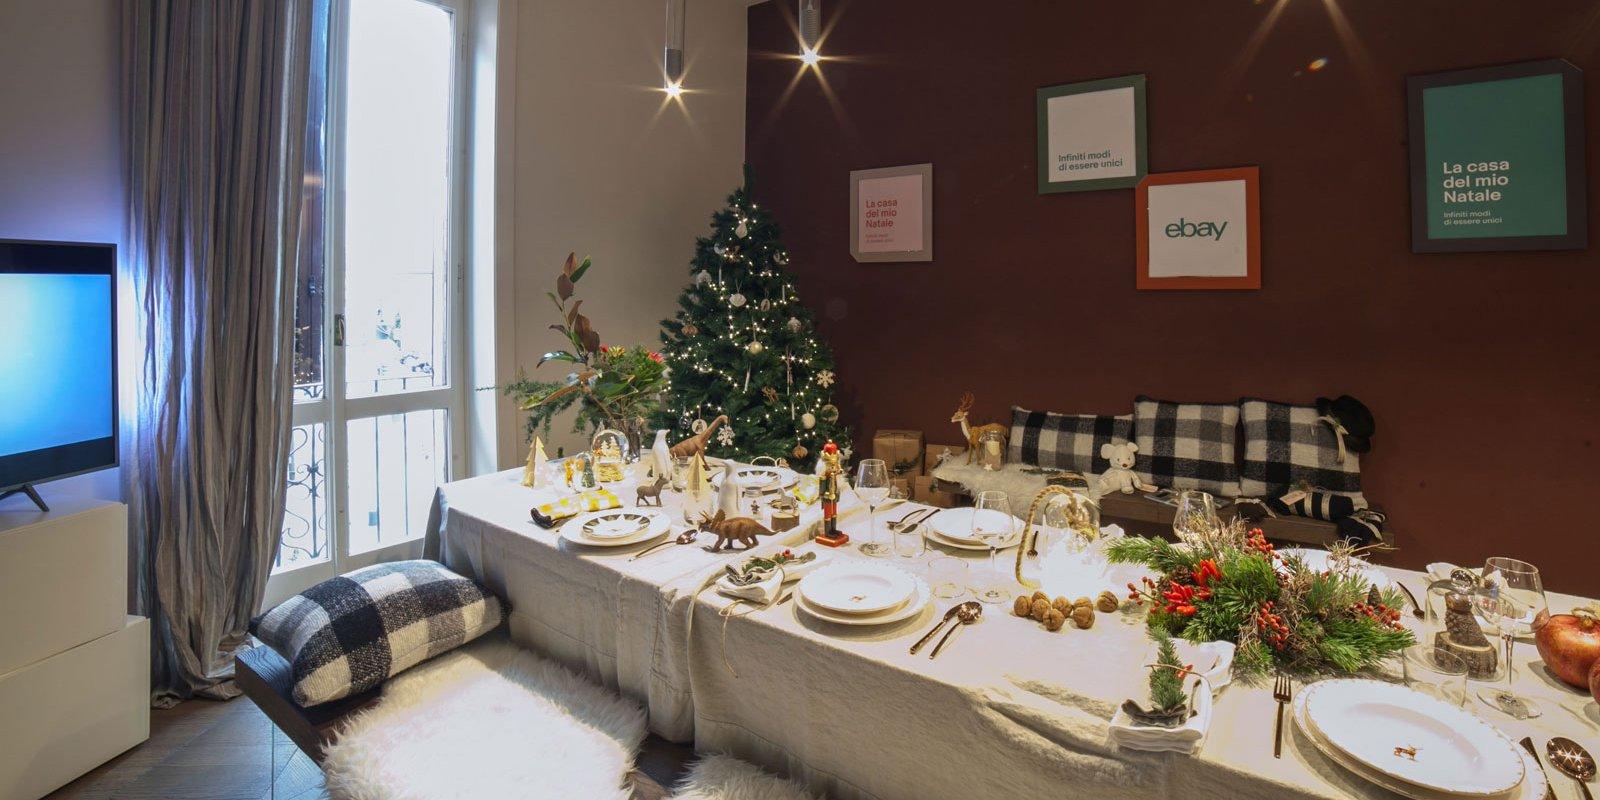 Regali Più Desiderati Per Natale Cose Di Casa #2975A2 1600 800 Sala Da Pranzo Colorata